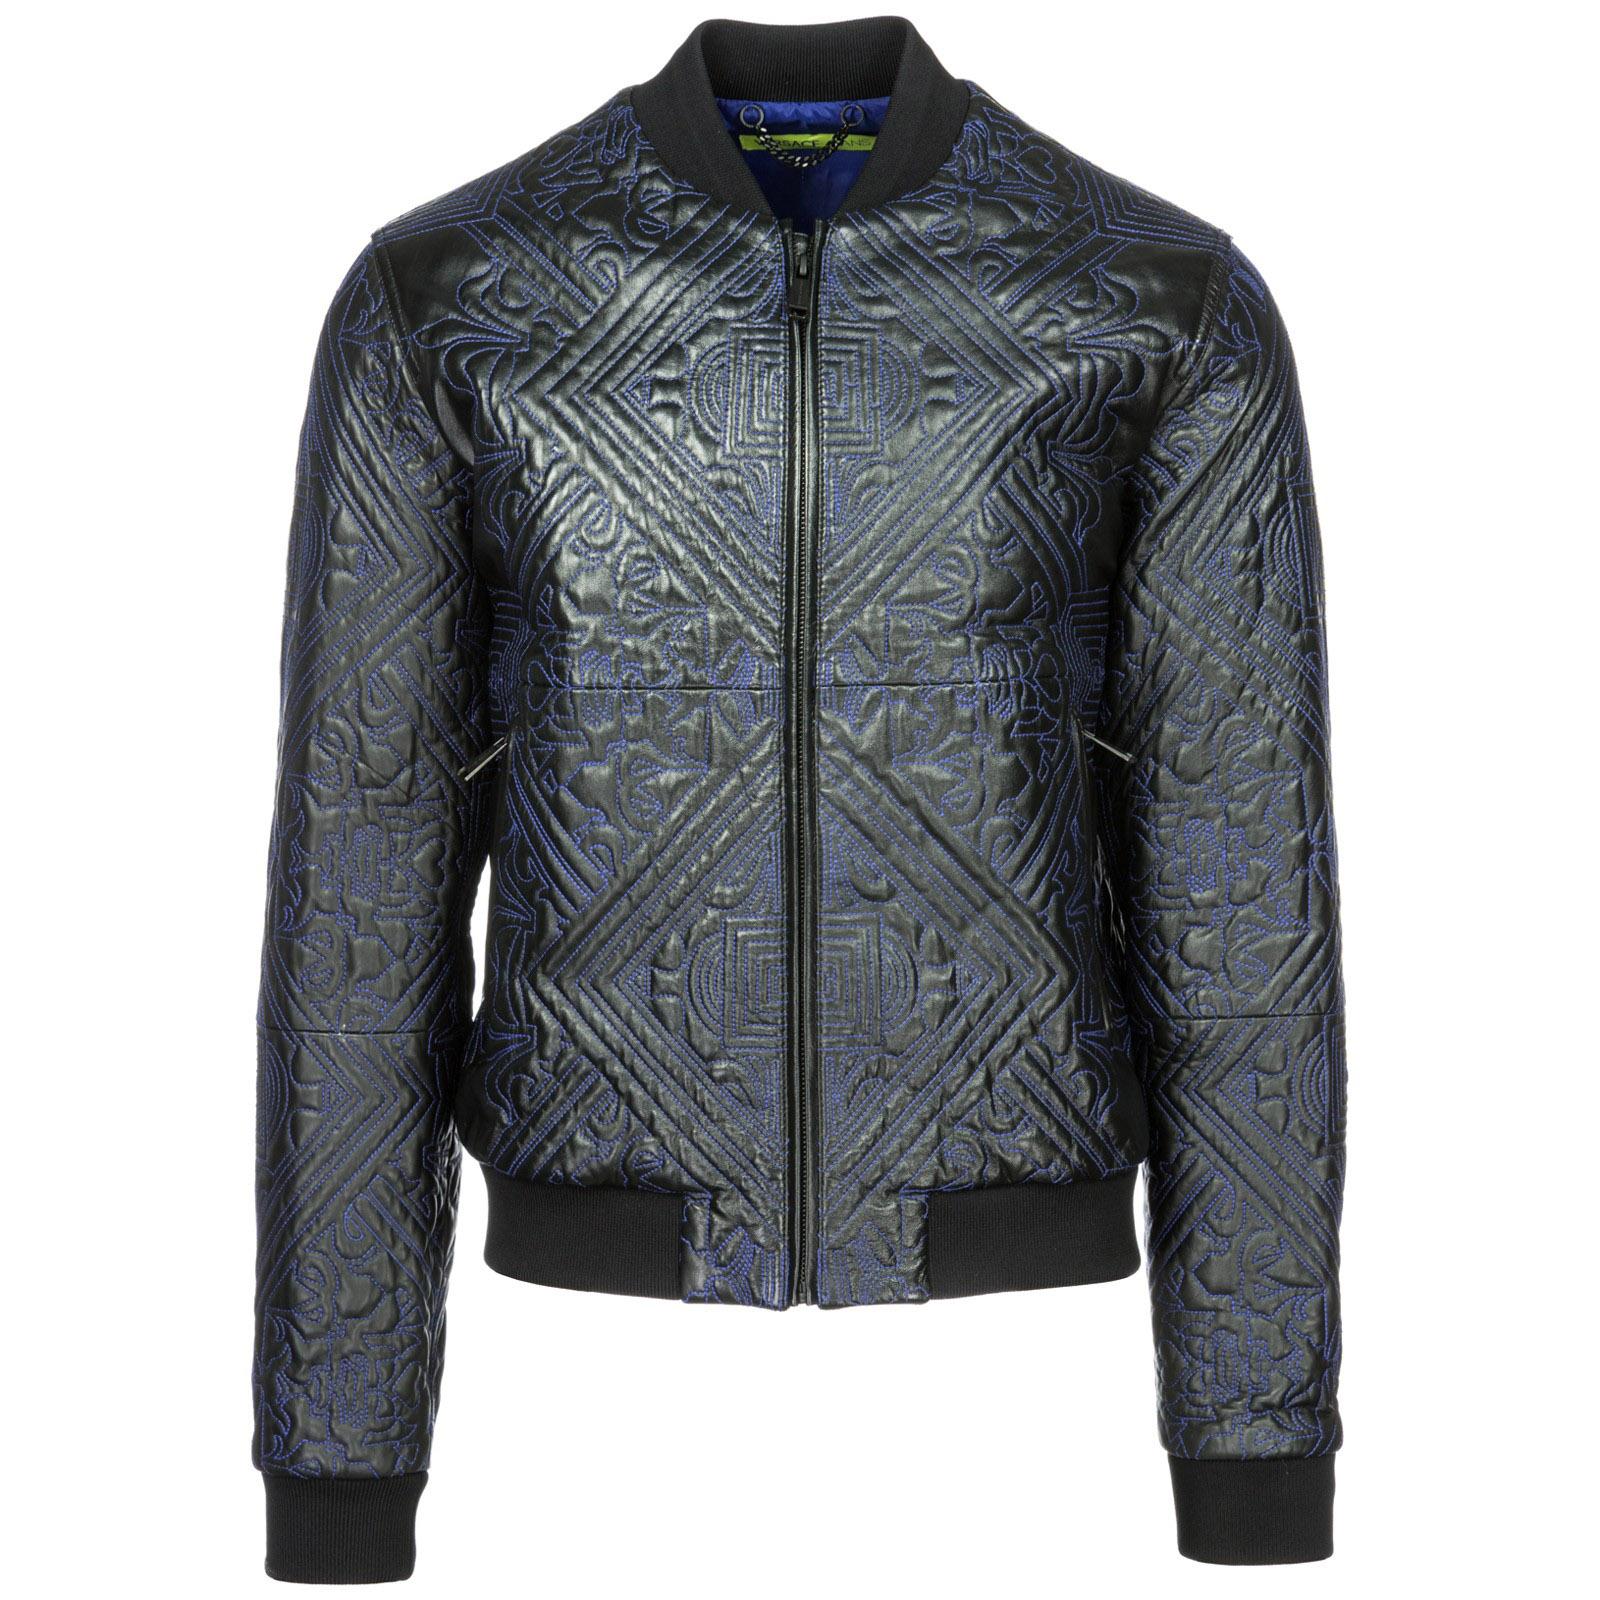 4f69fdc9e39c Veste en cuir Versace Jeans ECGSB9P6 nero   FRMODA.com